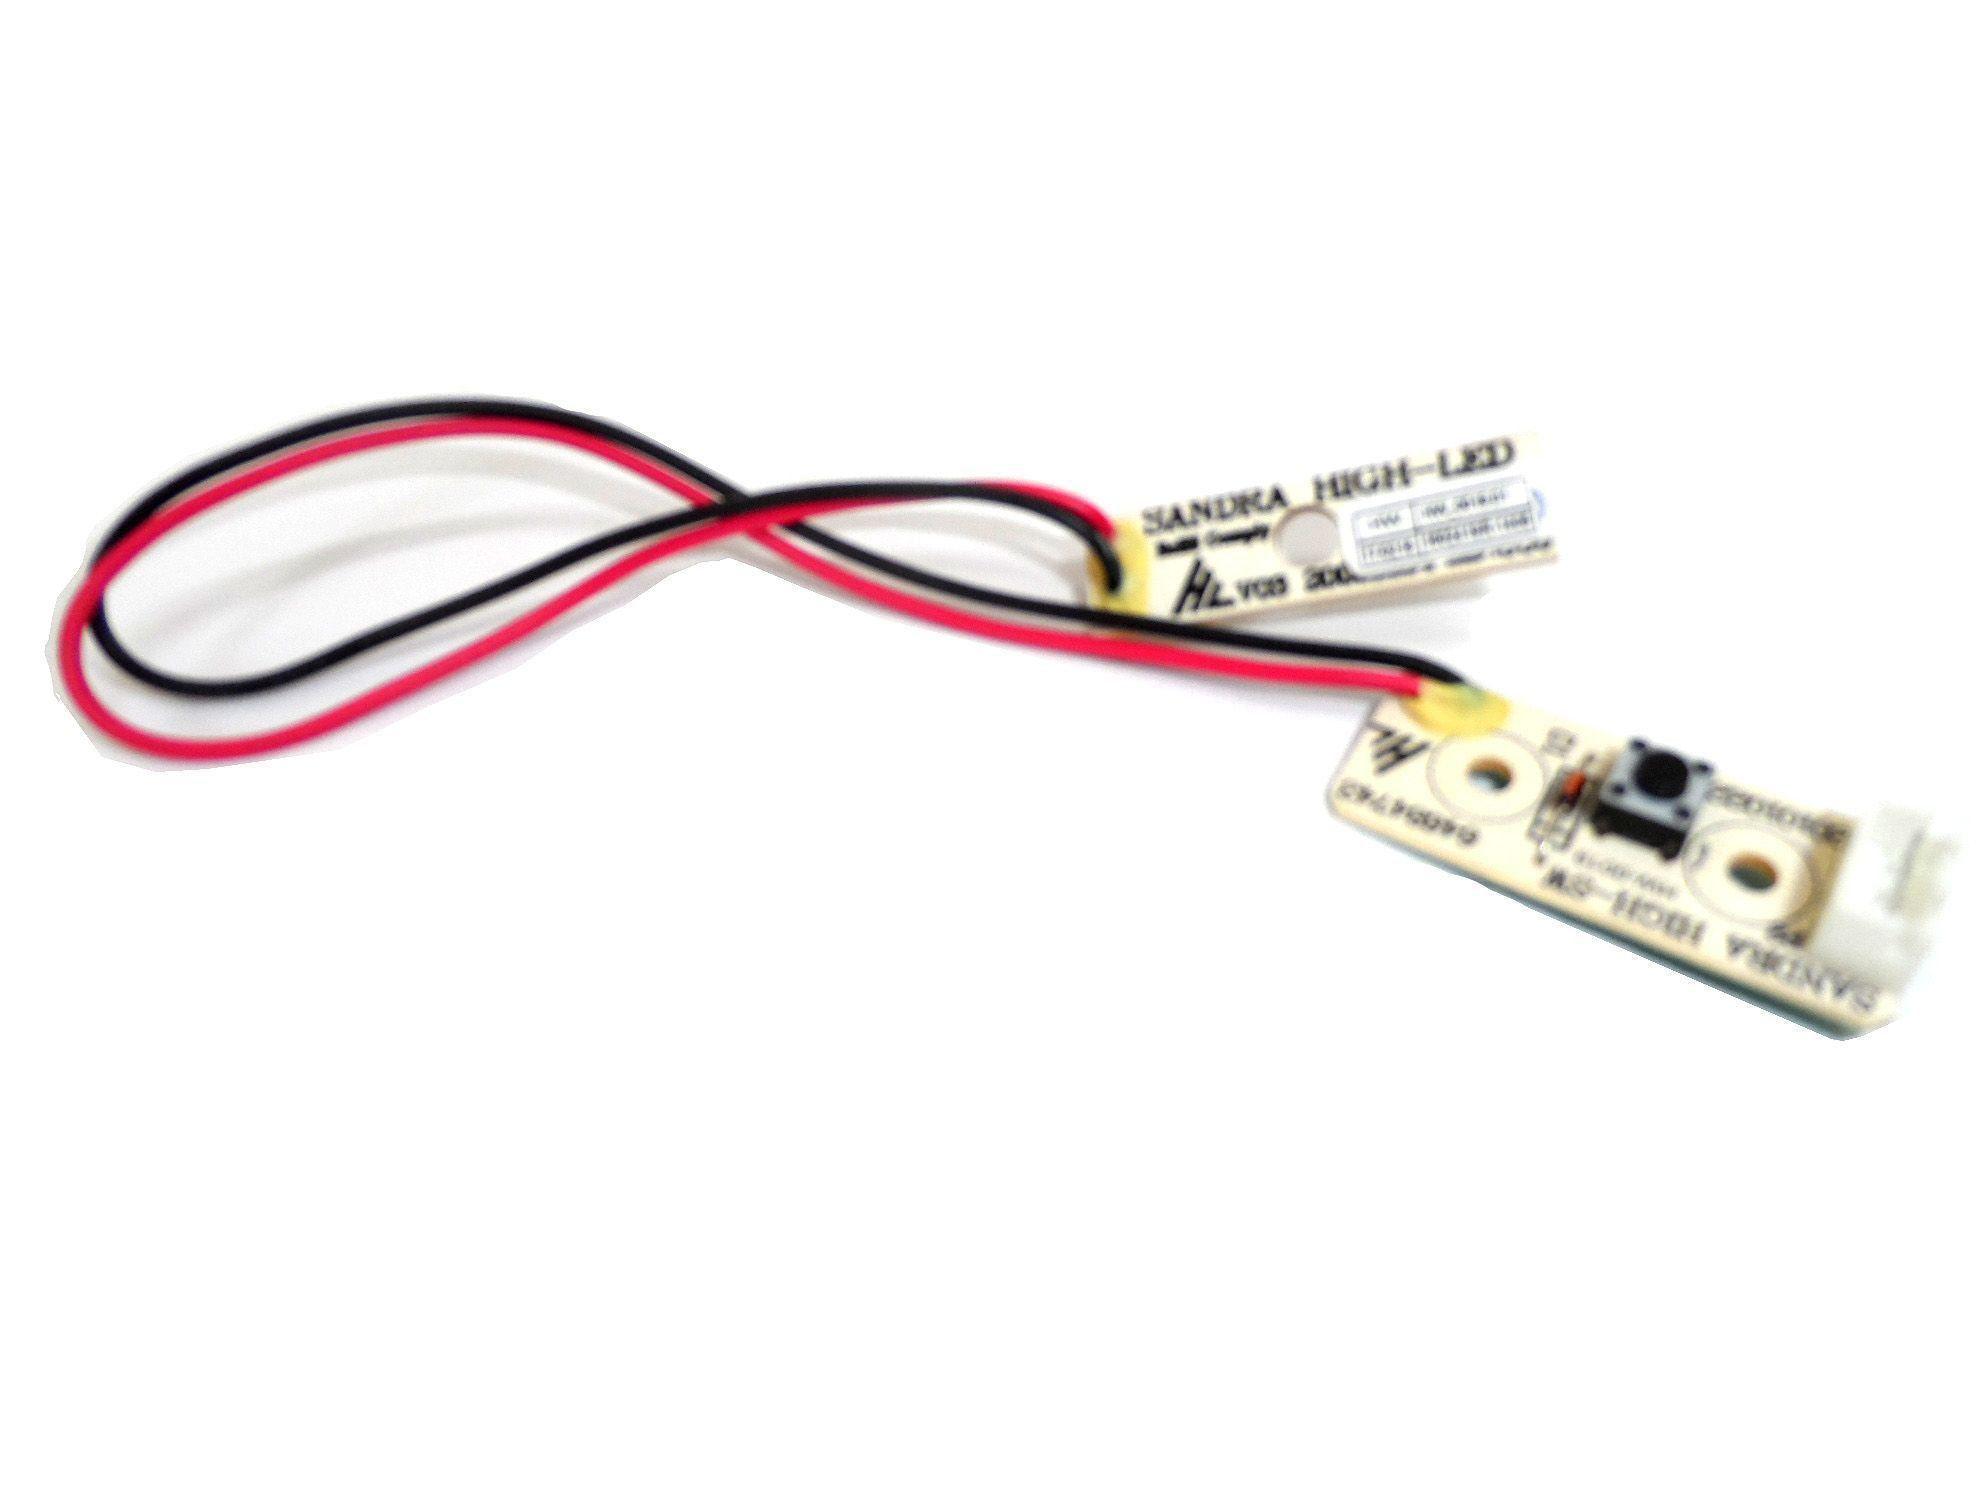 Placa Iluminação Display Refrigerador Electrolux 64684743